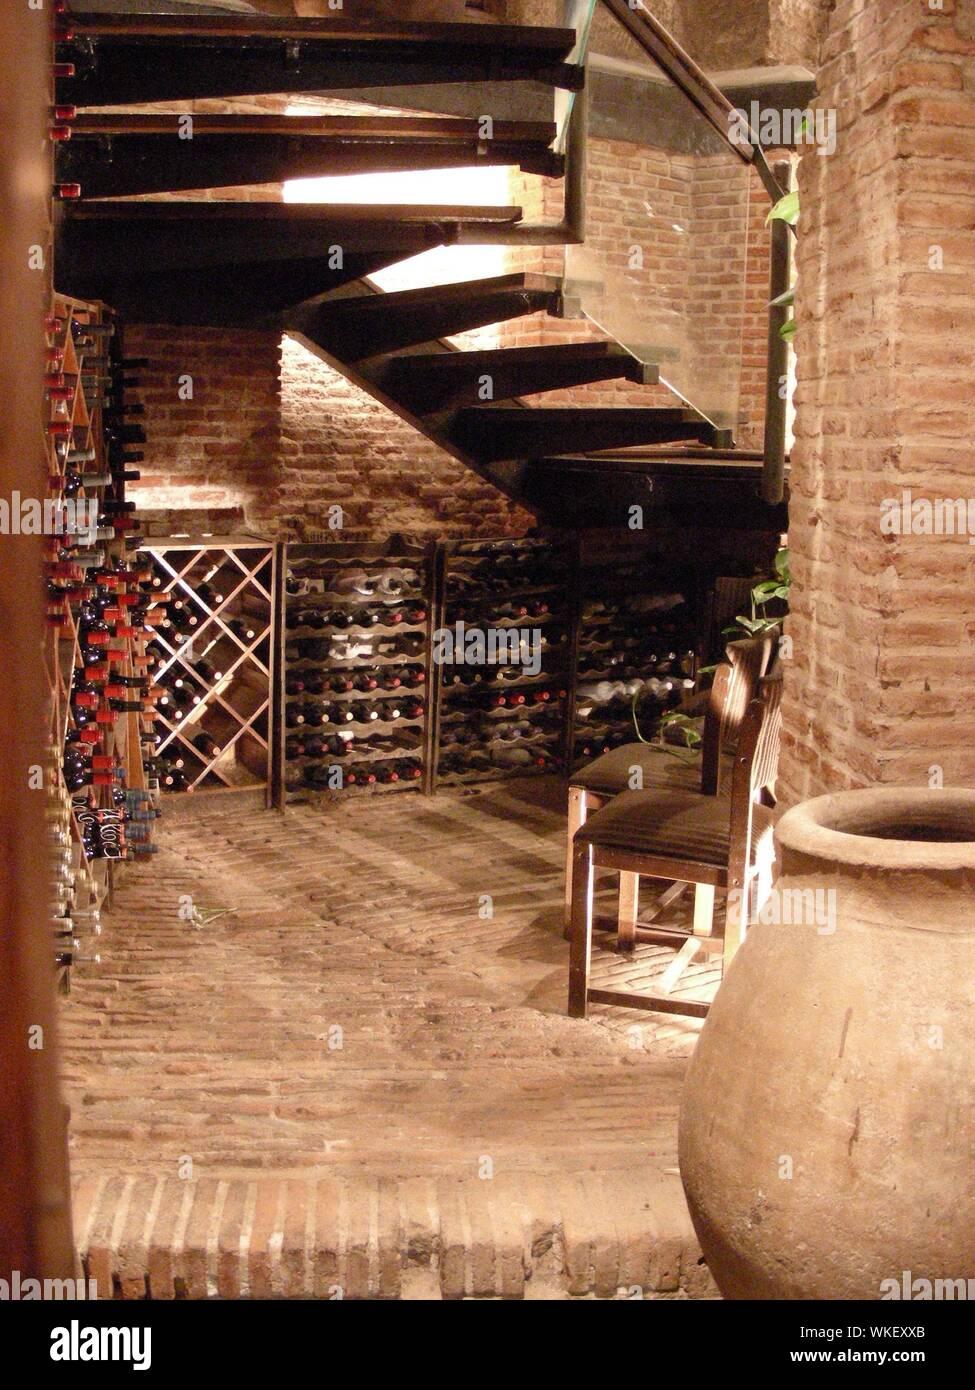 Interior Of Illuminated Wine Cellar Stock Photo